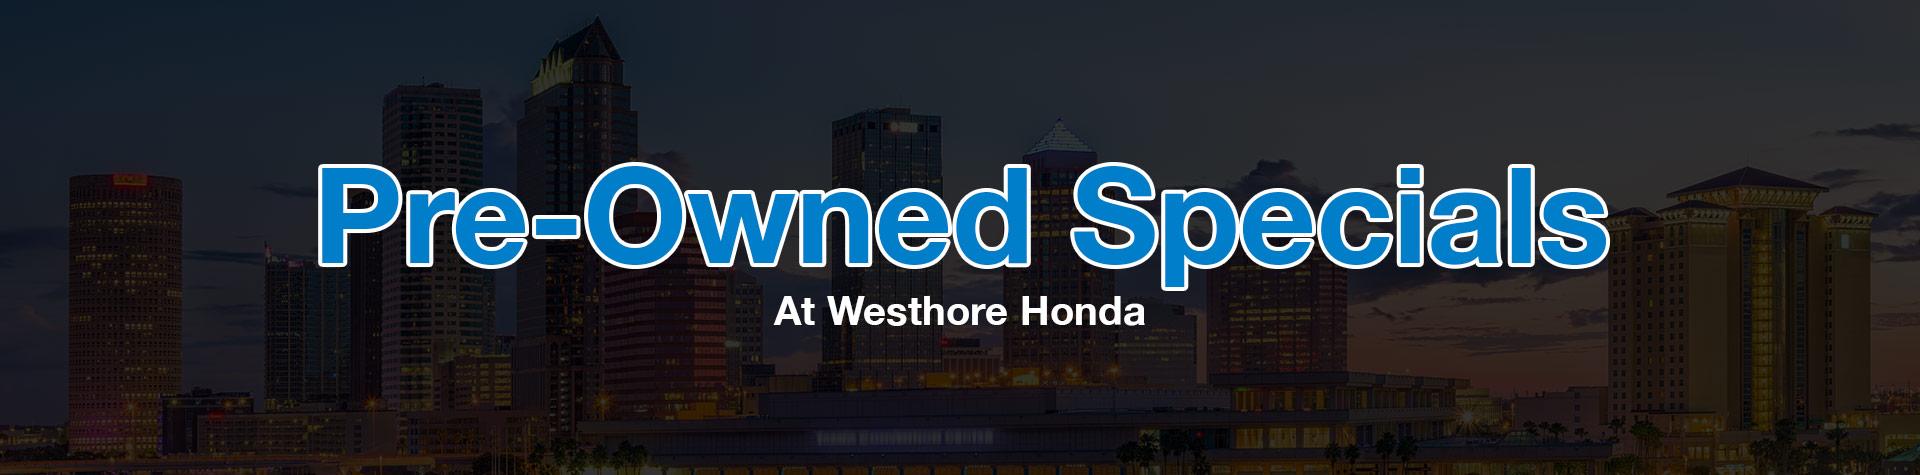 Pre-Owned Specials At Westshore Honda